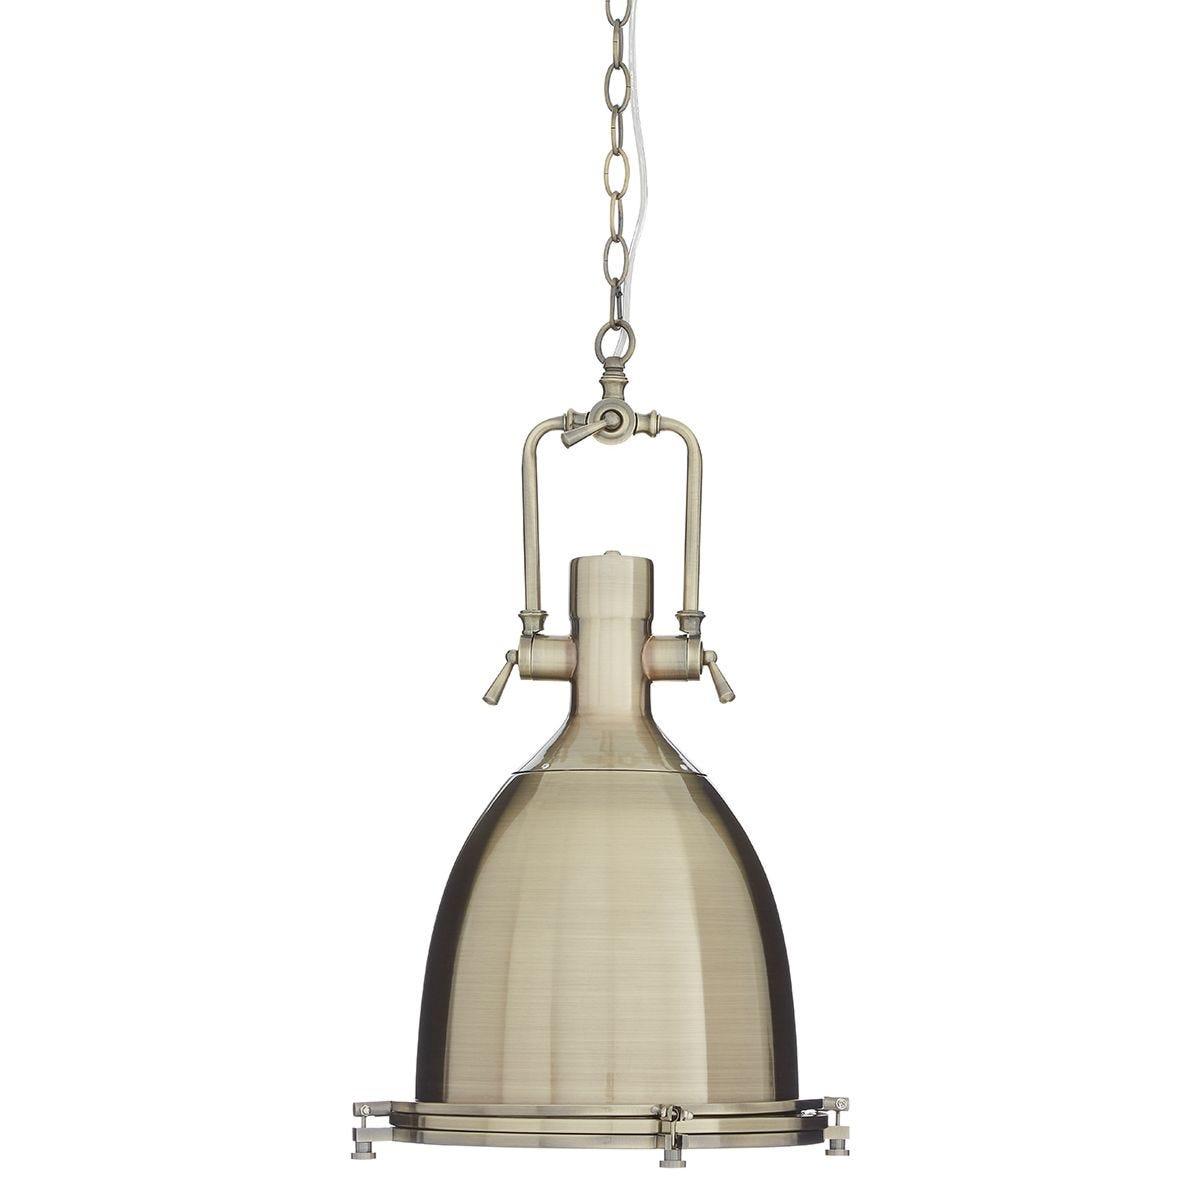 Premier Housewares Lexington Large Antique Brass Plain Pendant Light